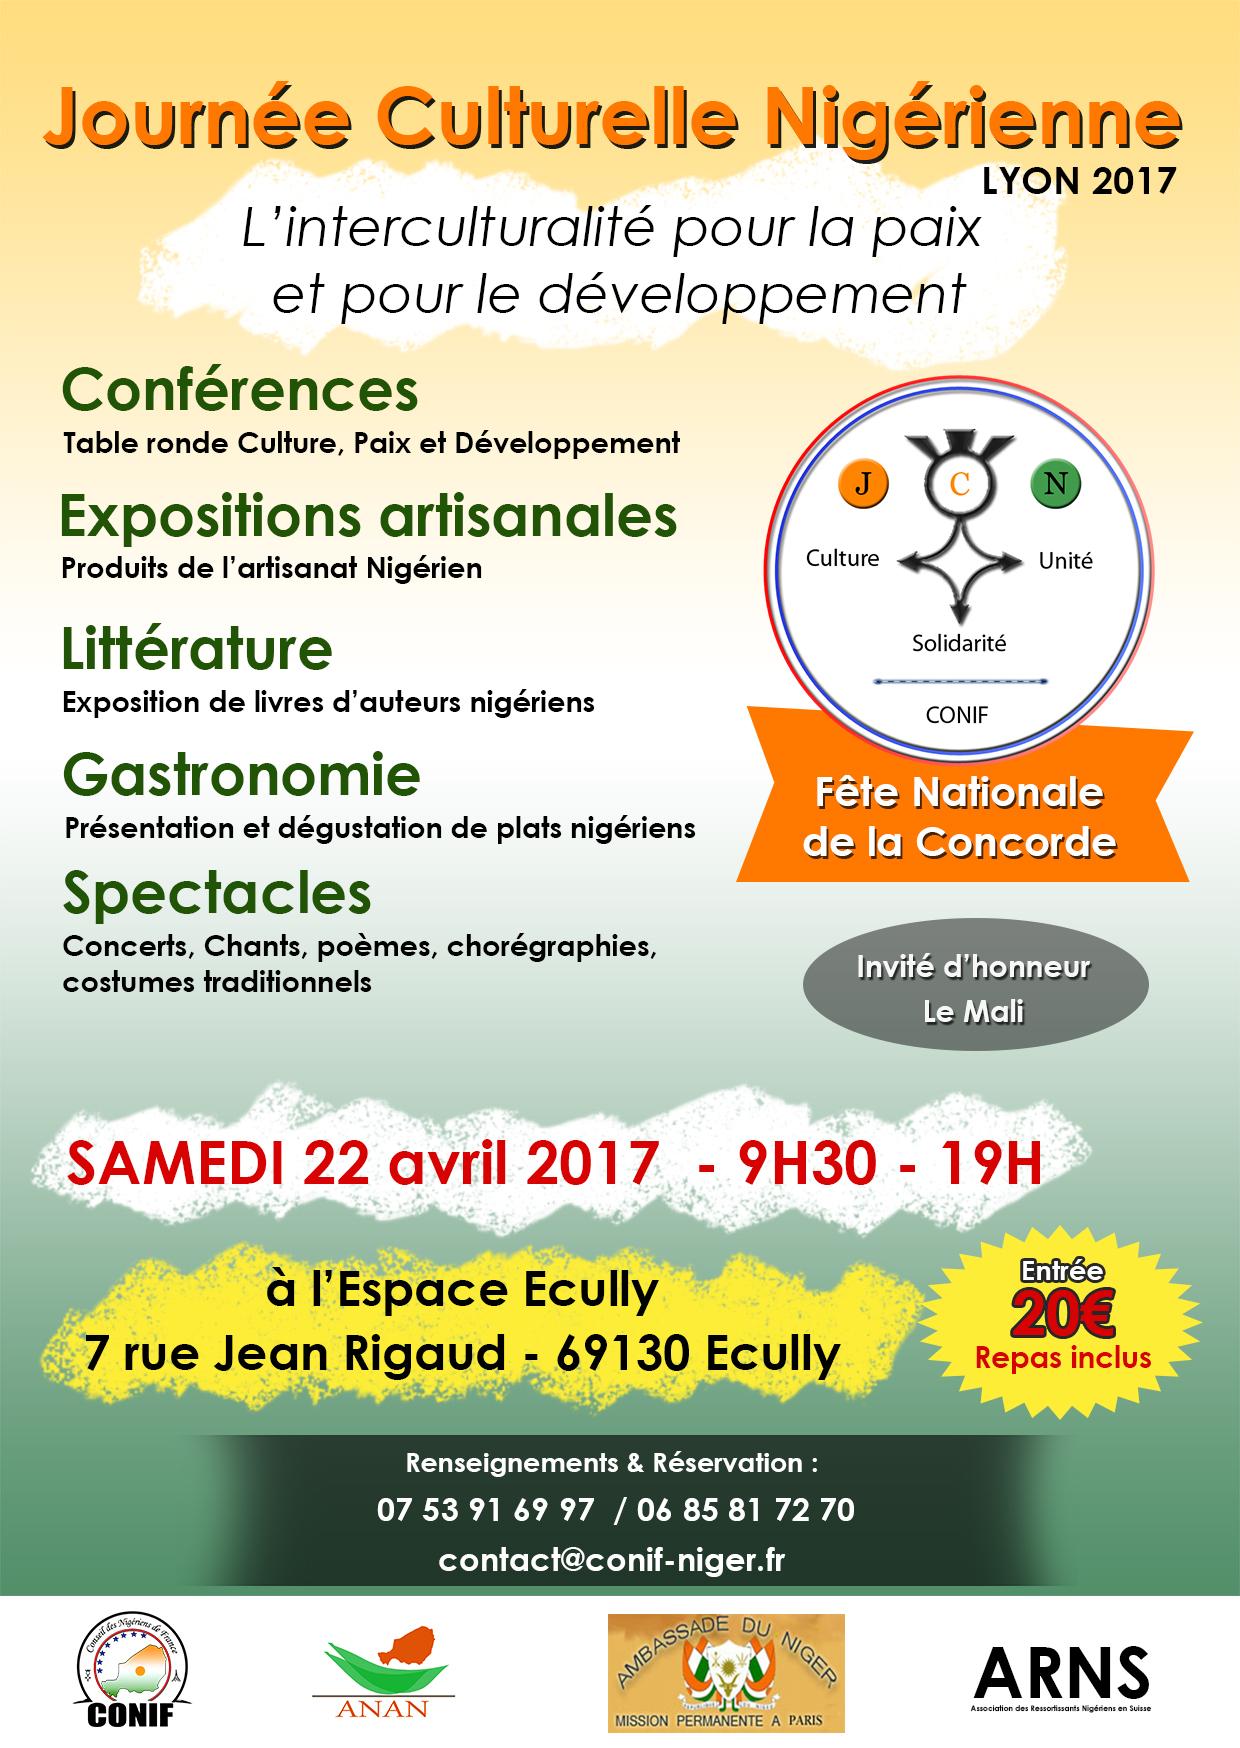 Journée Culturelle nigérienne à Lyon le samedi 22 avril 2017